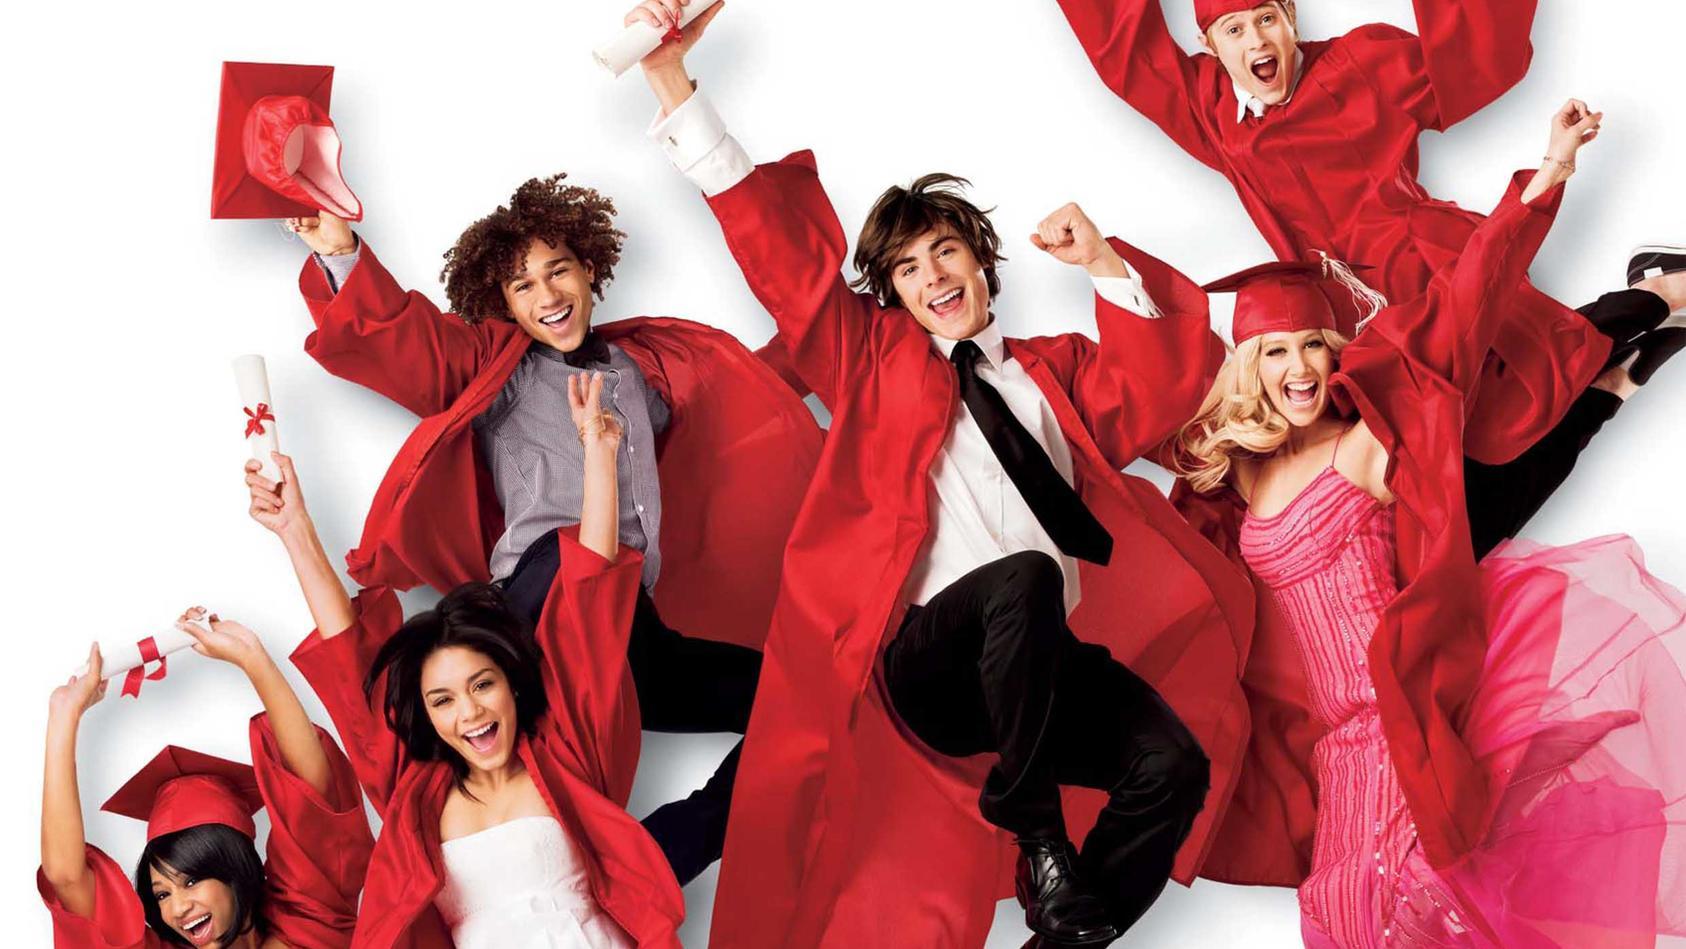 """Disneys """"High Schhol Musical"""" war einer der erfolgreichsten Filme der 2000er."""